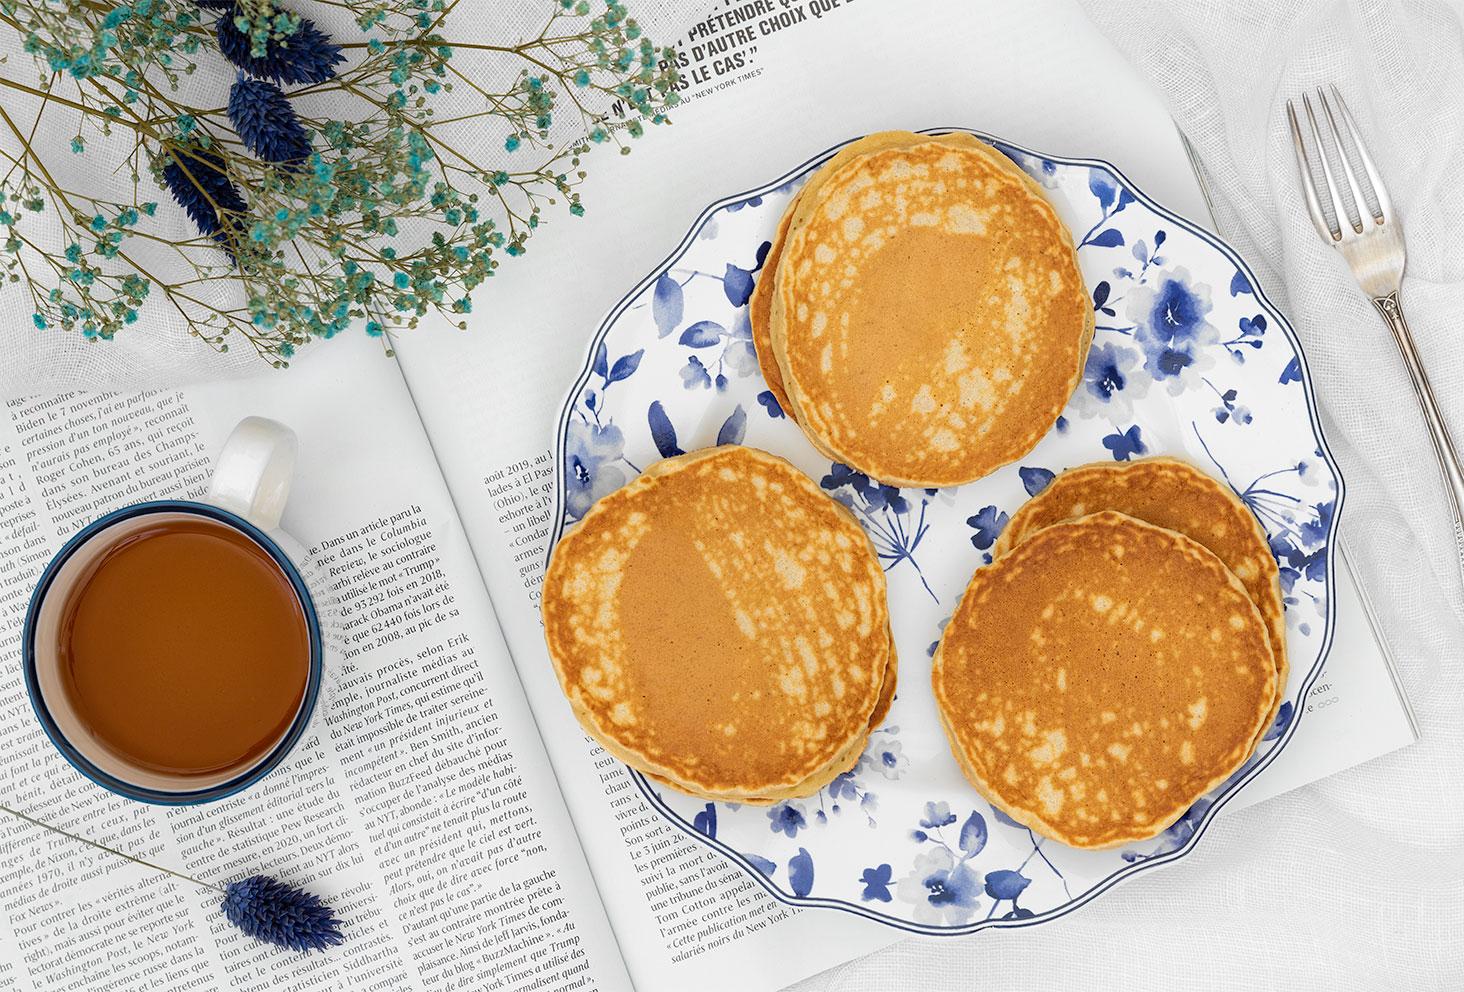 Des pancakes moelleux à la banane dans une assiette vintage, posée sur un magazine ouvert, avec un thé et des fleurs séchées